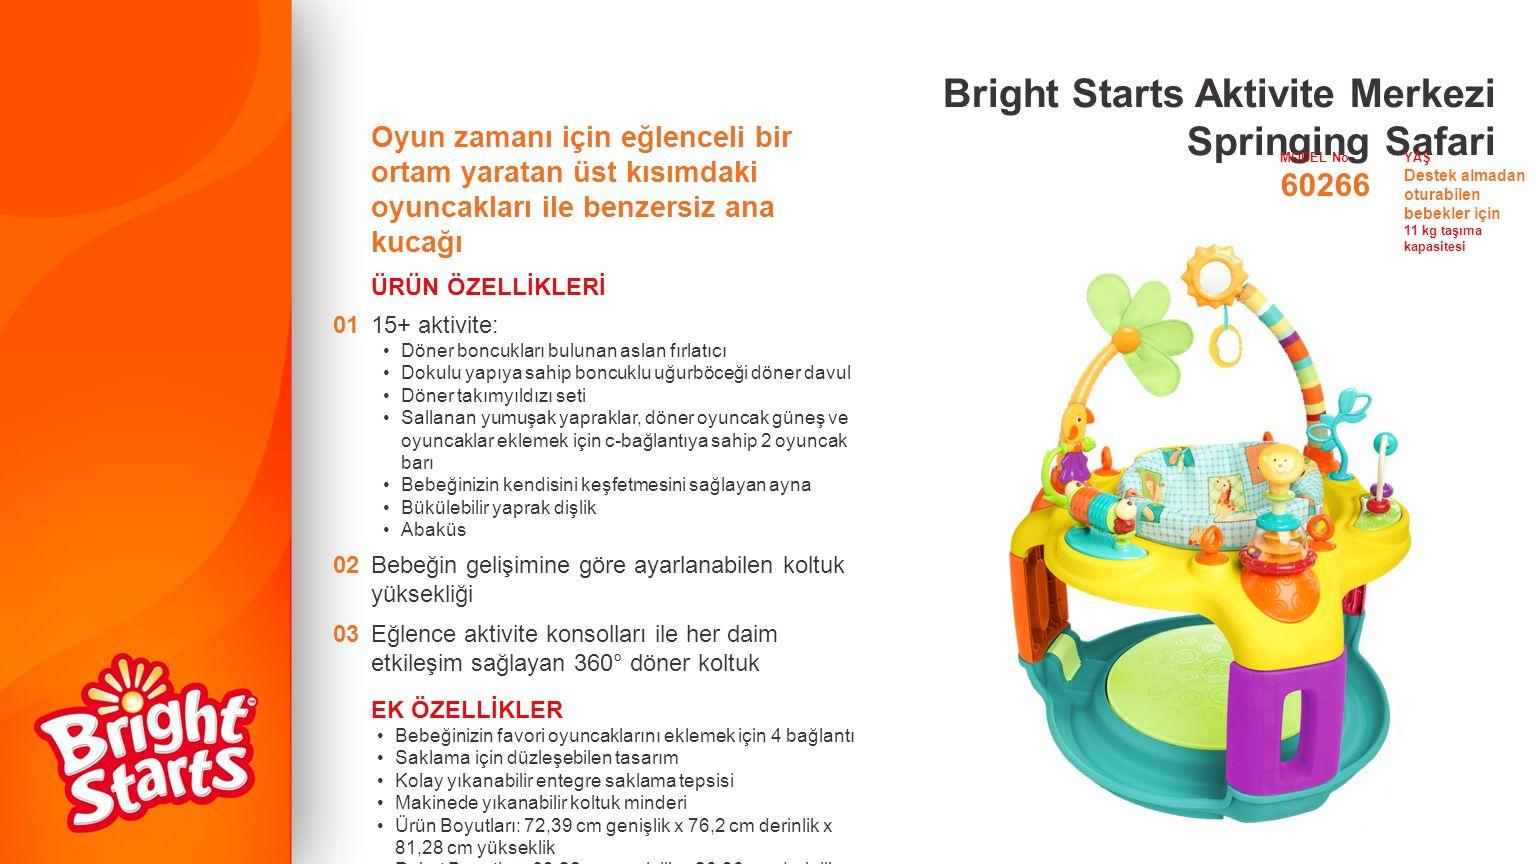 Bright Starts Aktivite Merkezi Springing Safari Oyun zamanı için eğlenceli bir ortam yaratan üst kısımdaki oyuncakları ile benzersiz ana kucağı ÜRÜN Ö